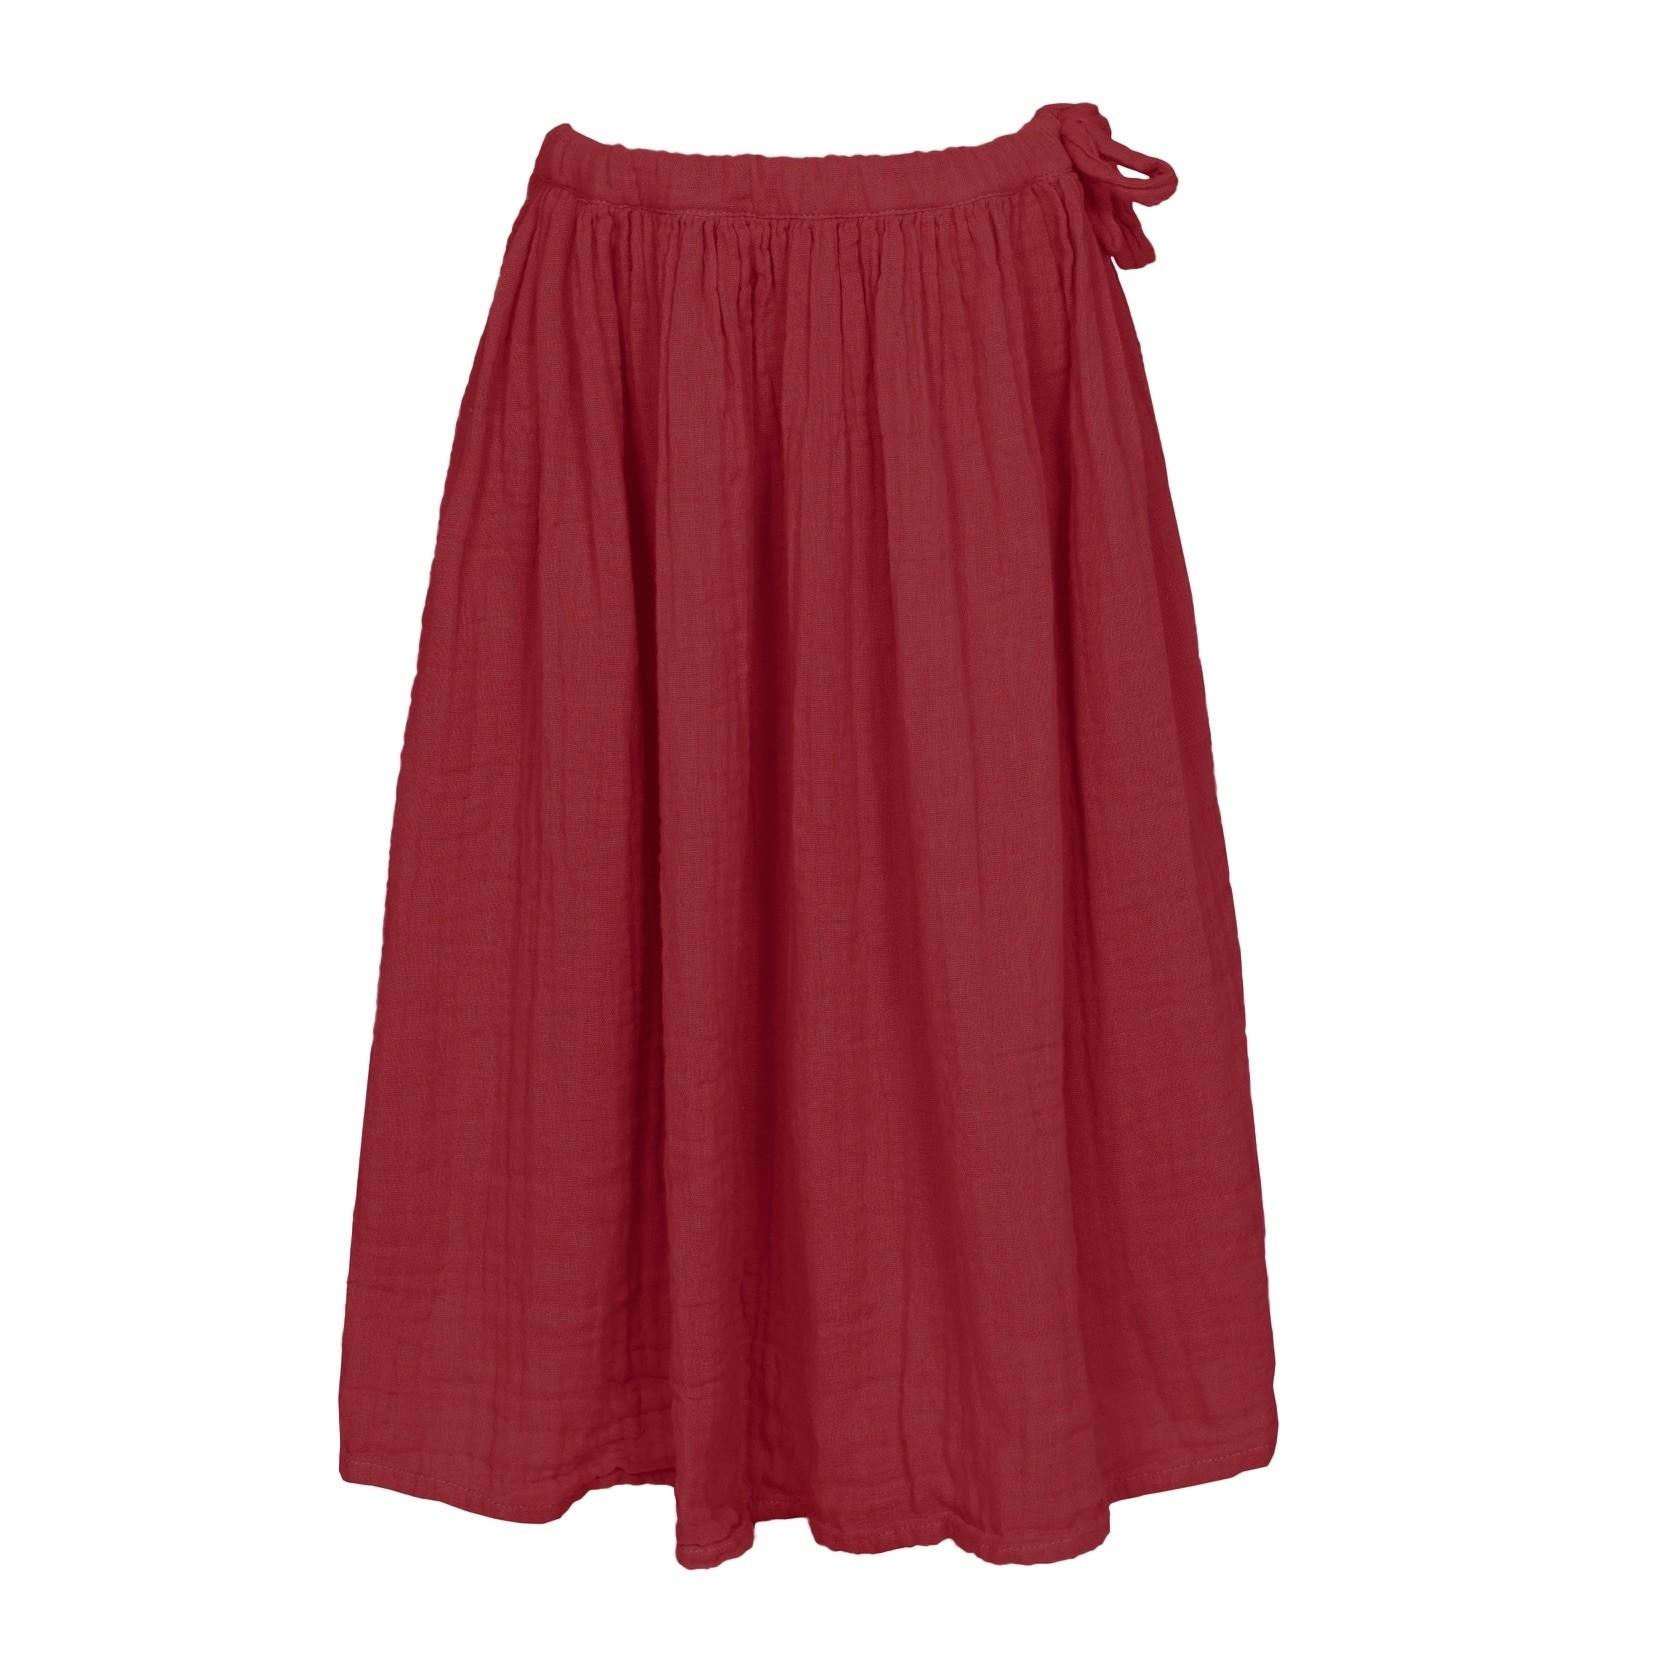 Skirt for girls Ava long ruby red